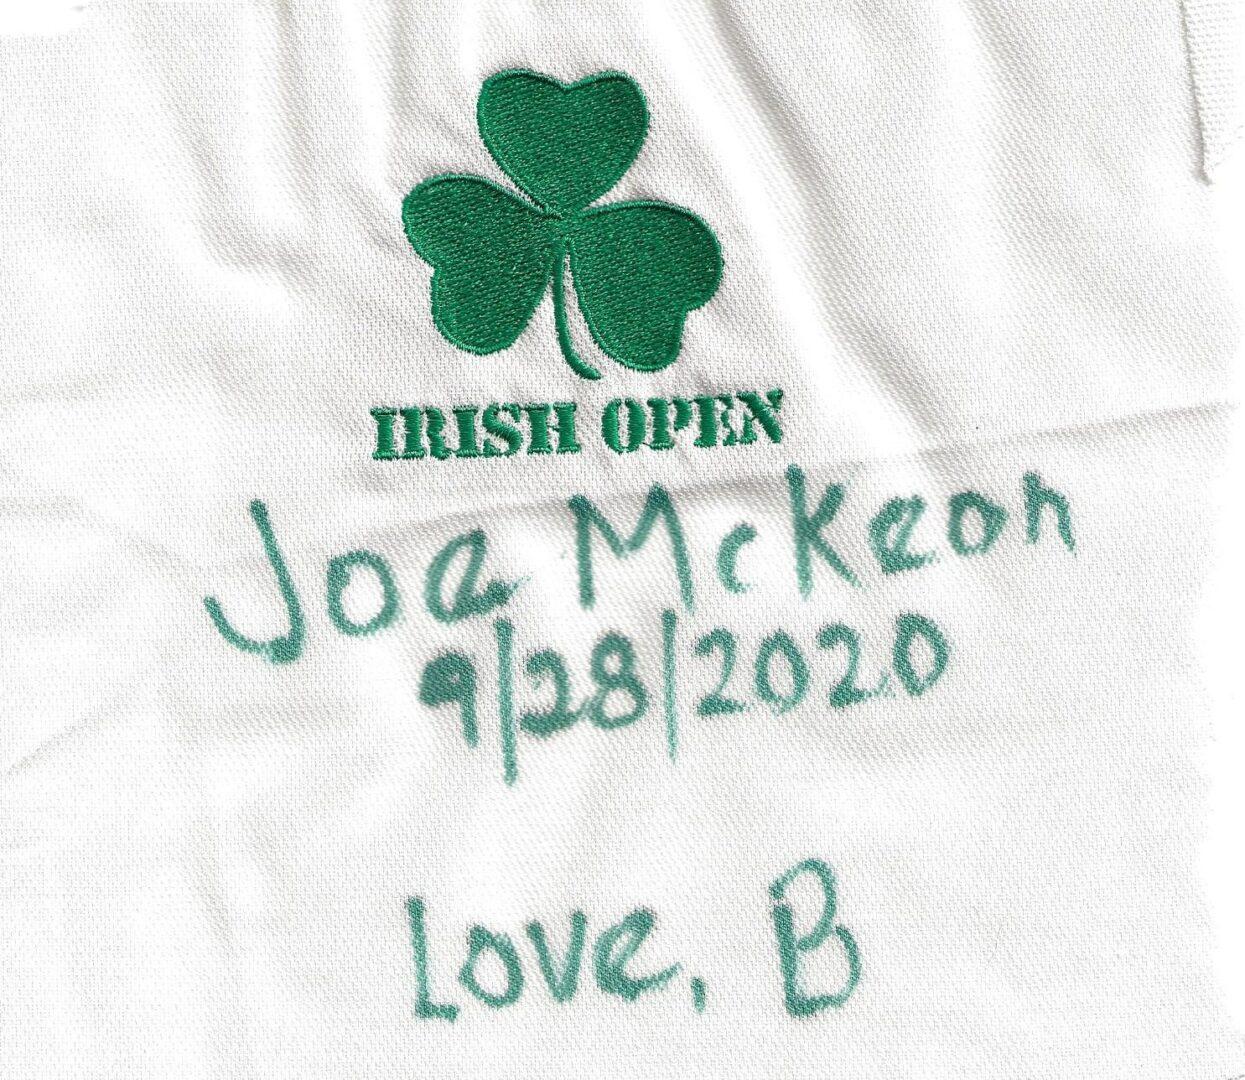 IN MEMORY OF JOE McKEON - 9/28/2020